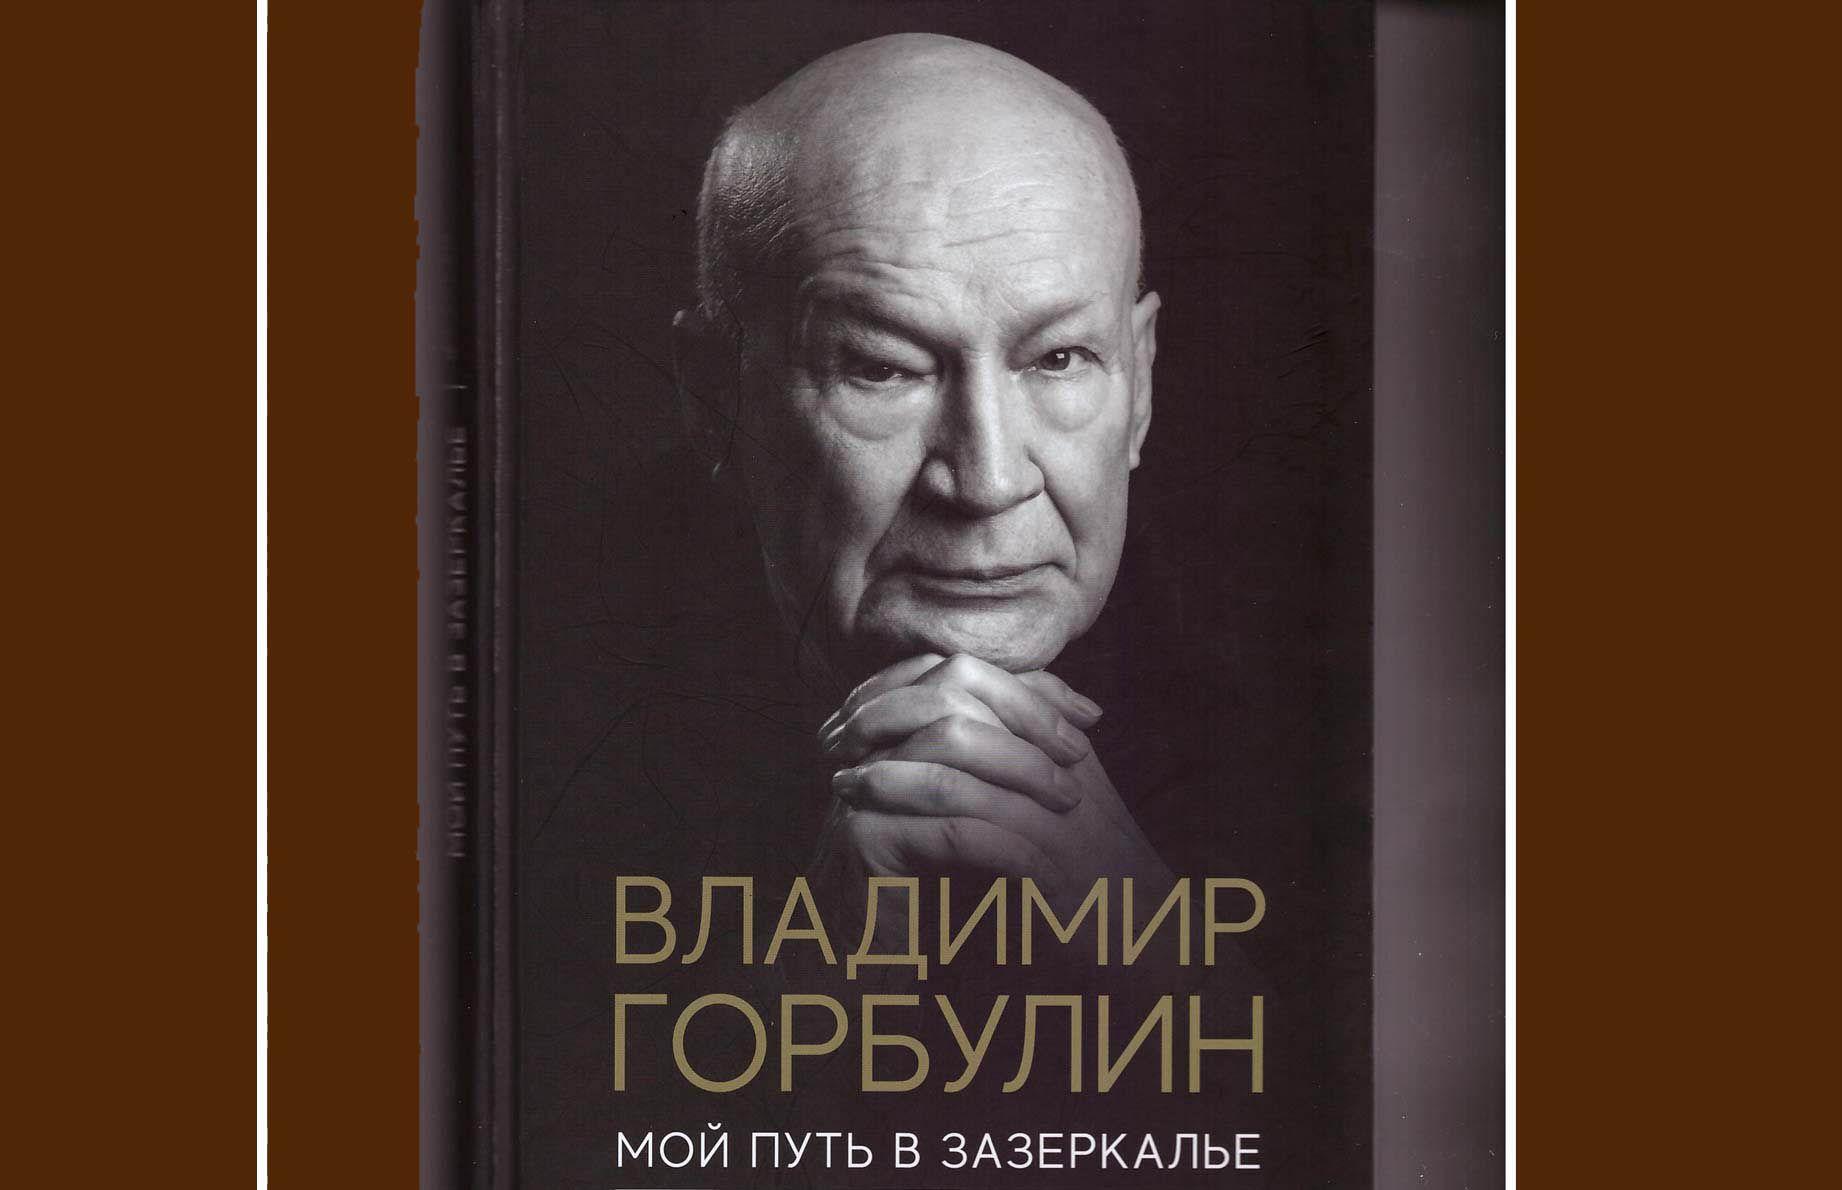 Україноцентризм: траєкторія та дороговкази академіка Горбуліна